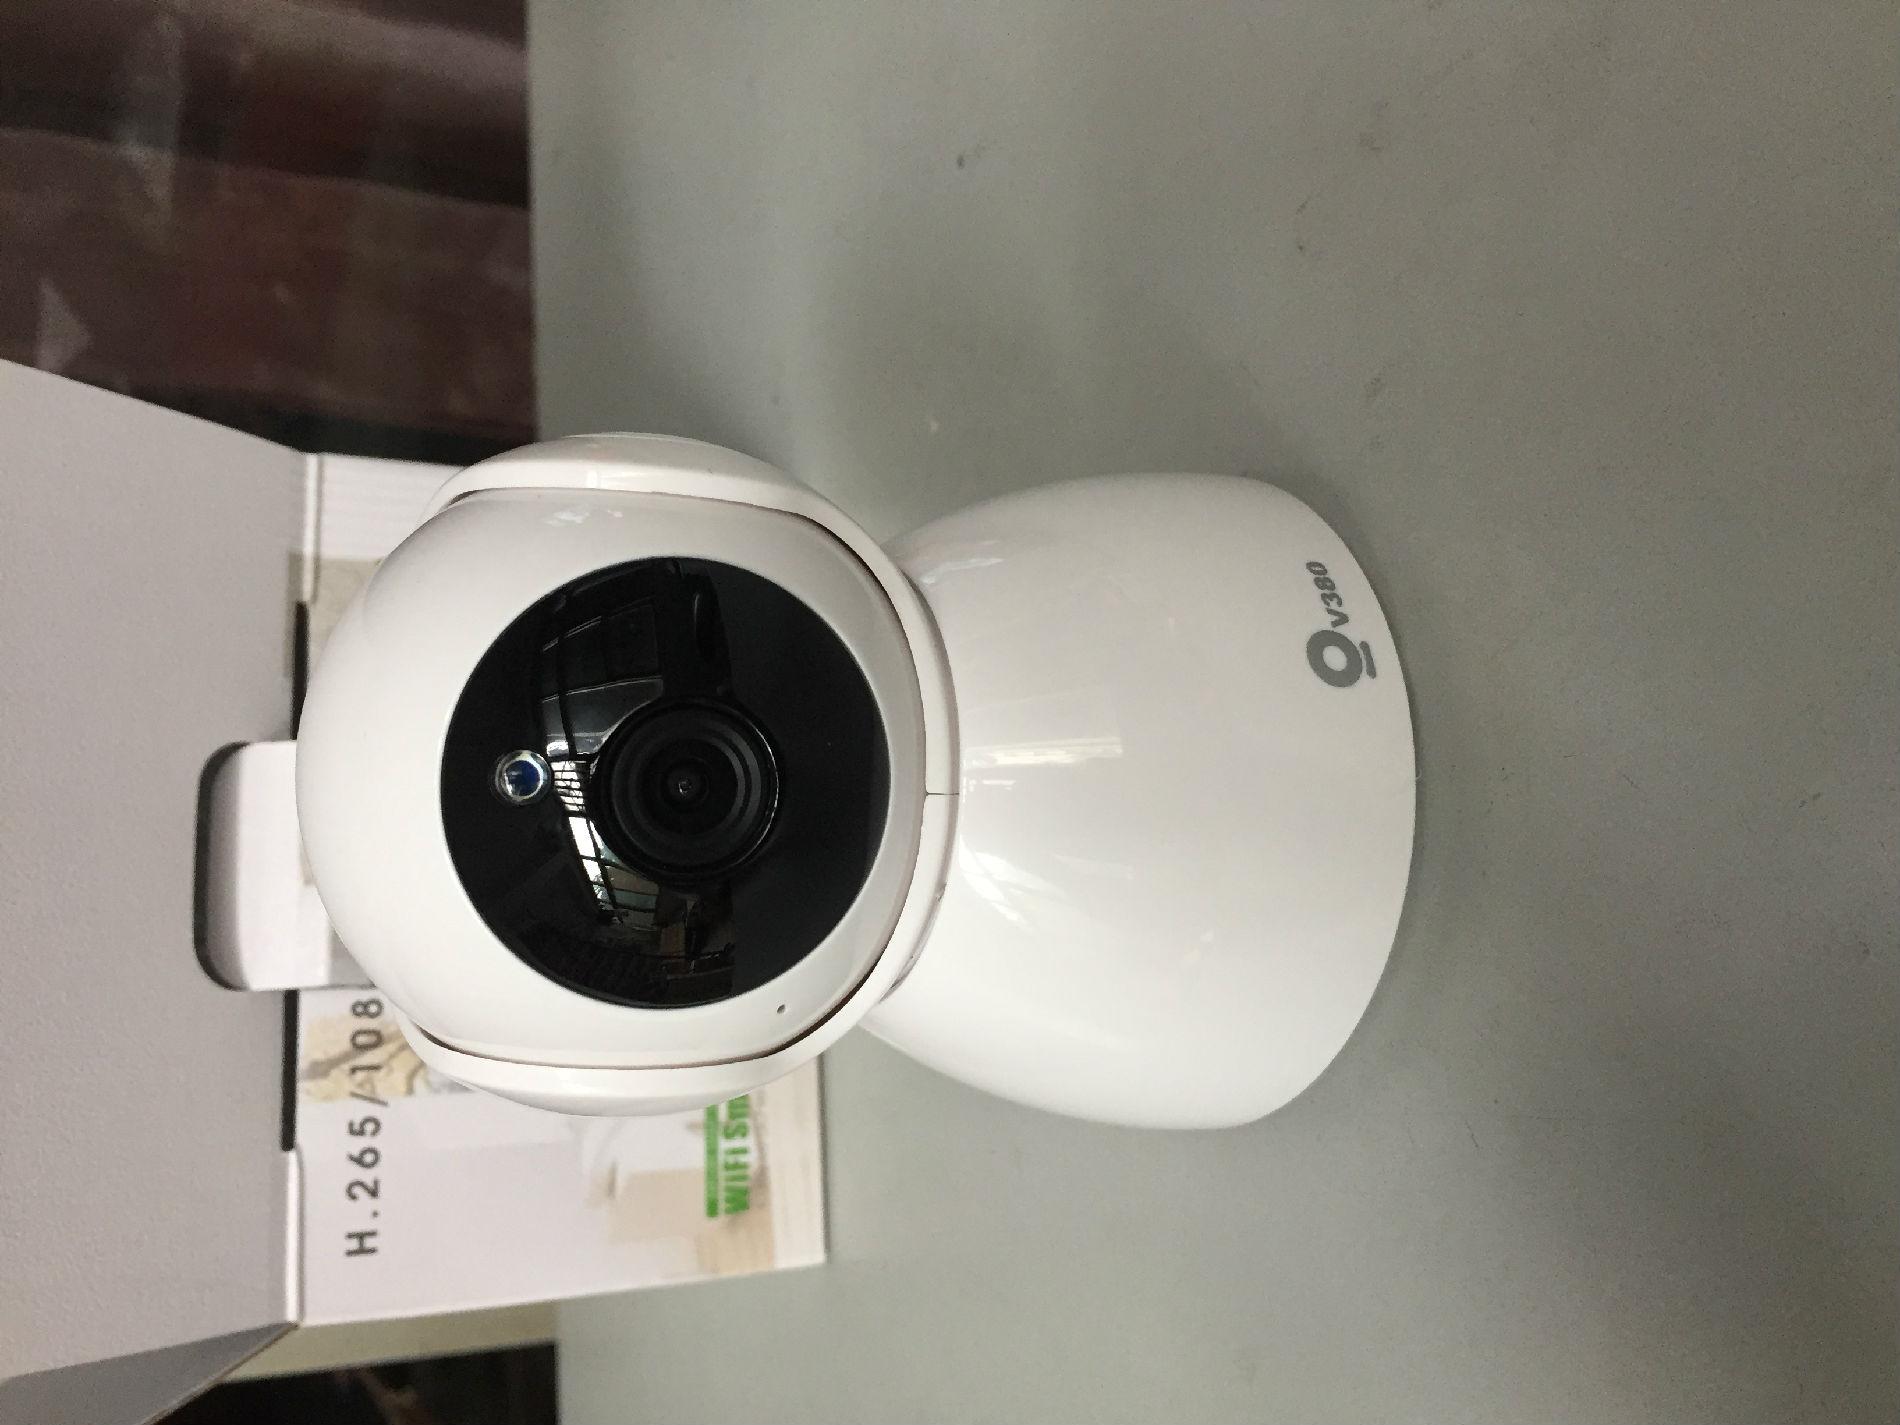 供应 V380 无线WIFI 摄像机 自带AP热点 200万高清